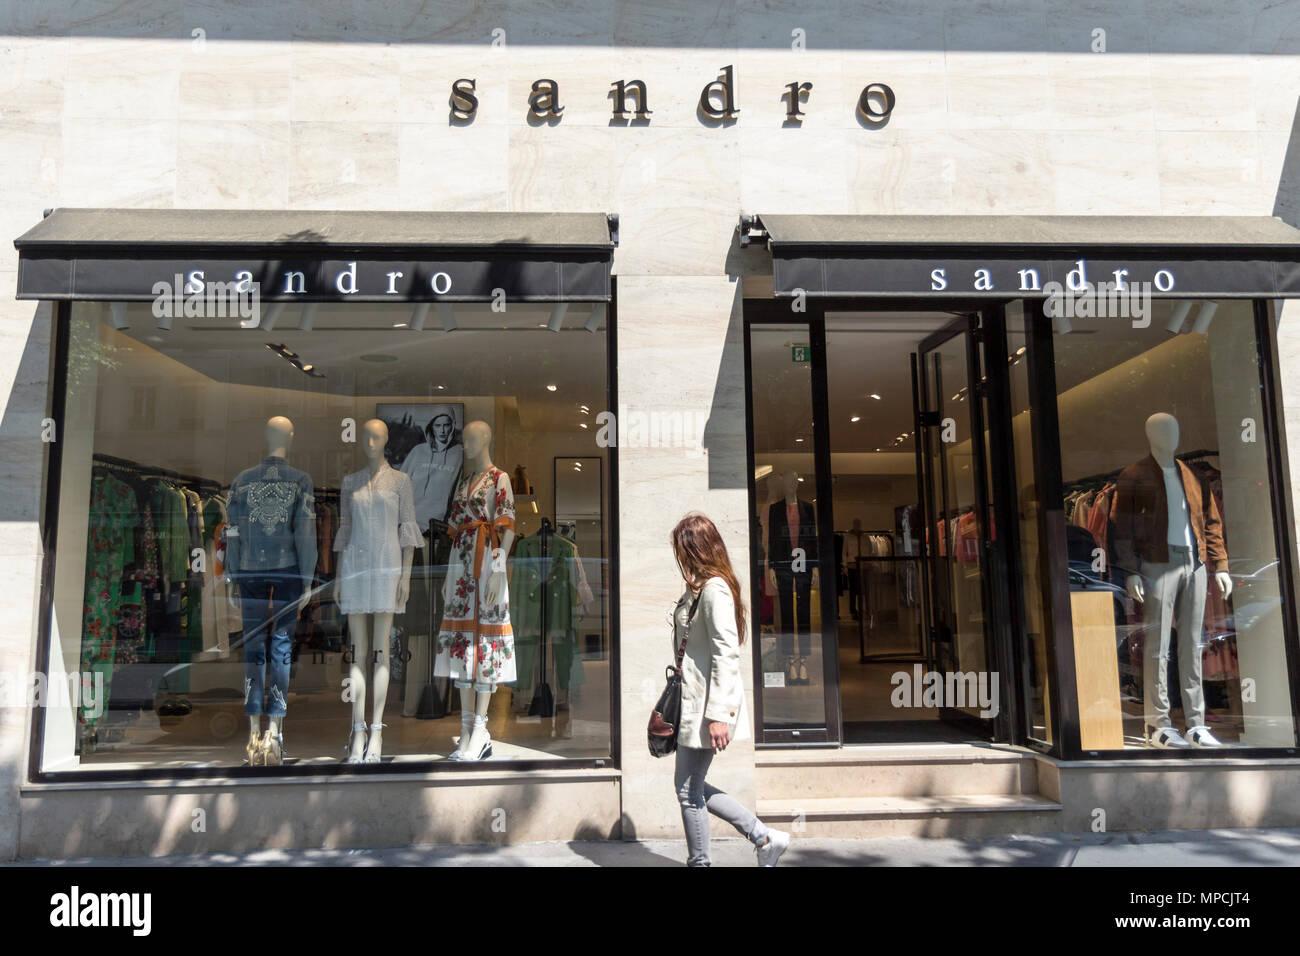 vendita calda online 0dfbb 51f7c Sandro negozio di abbigliamento vetrina a Parigi, Francia ...